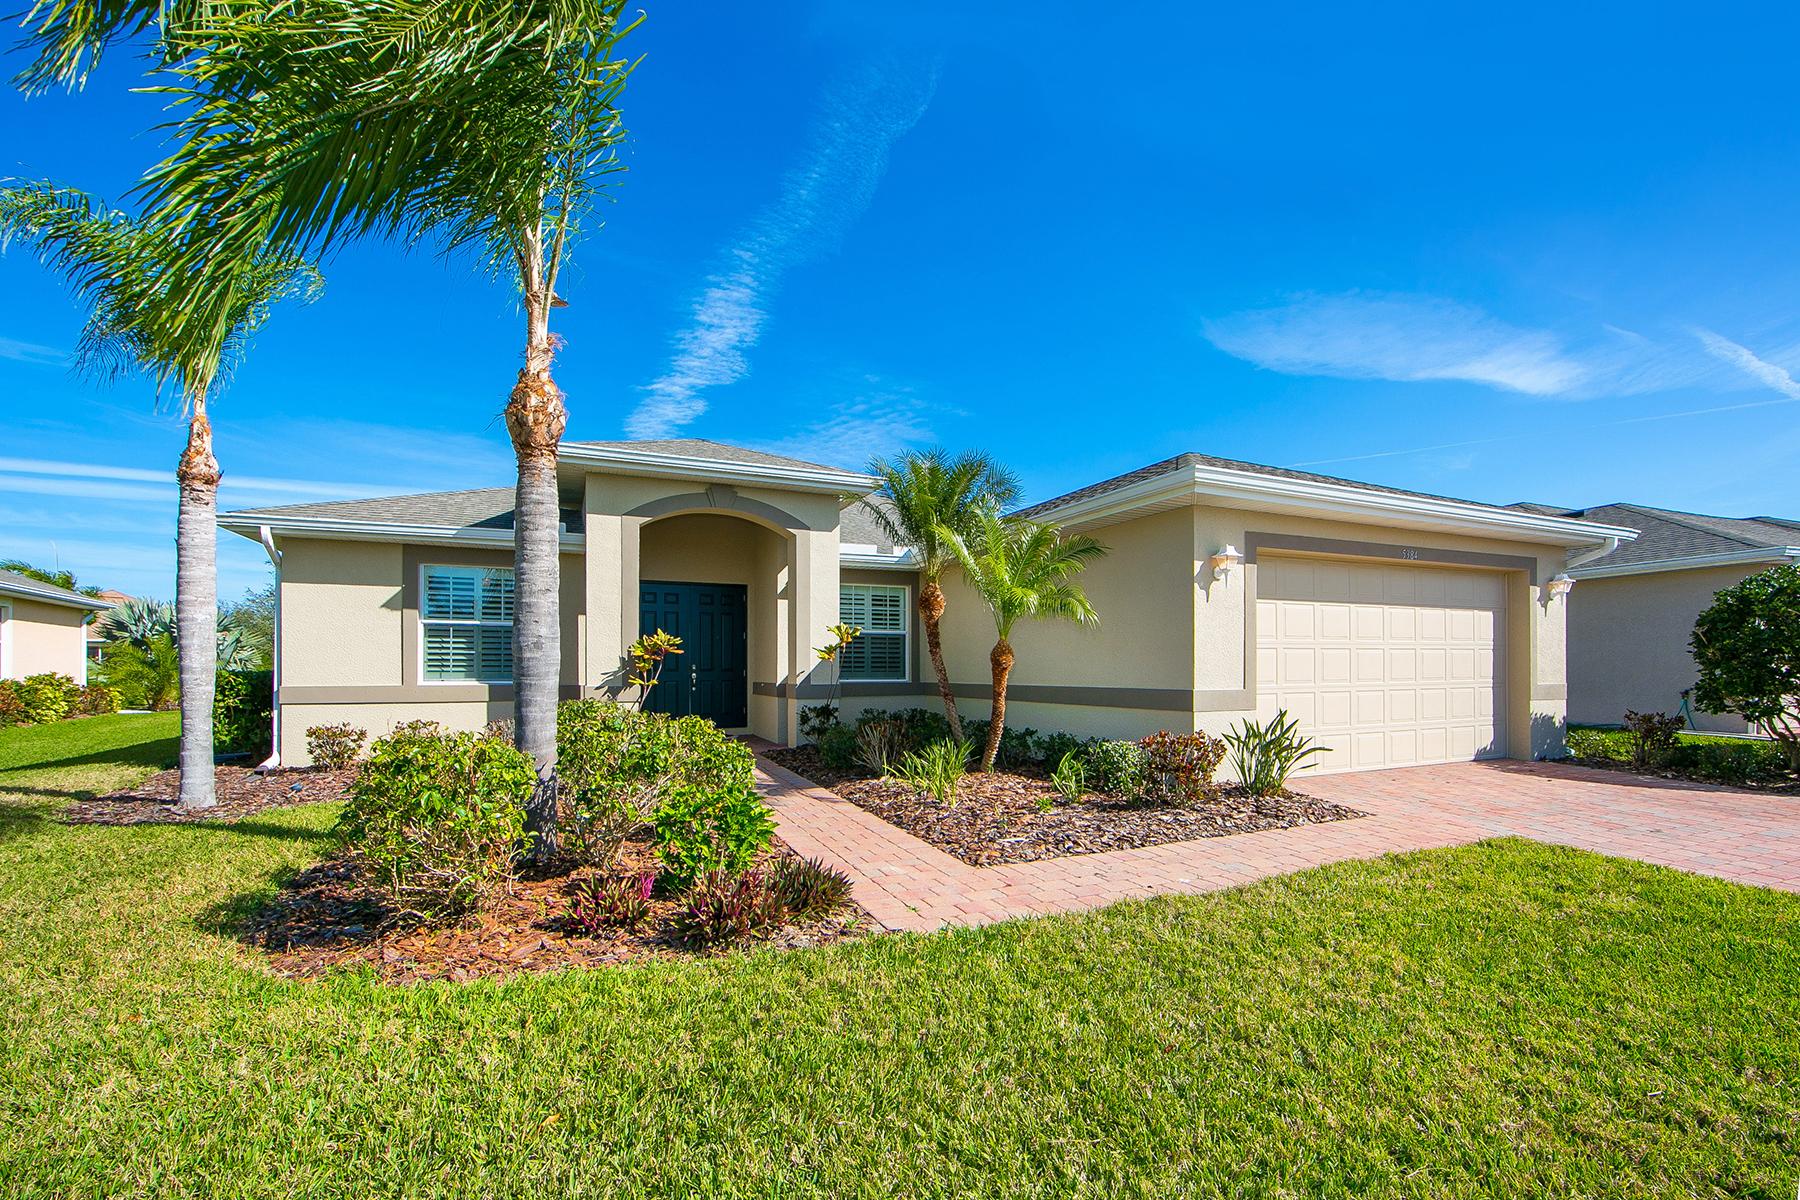 Частный односемейный дом для того Продажа на VENTURA VILLAGE 5384 Layton Dr, Venice, Флорида, 34293 Соединенные Штаты